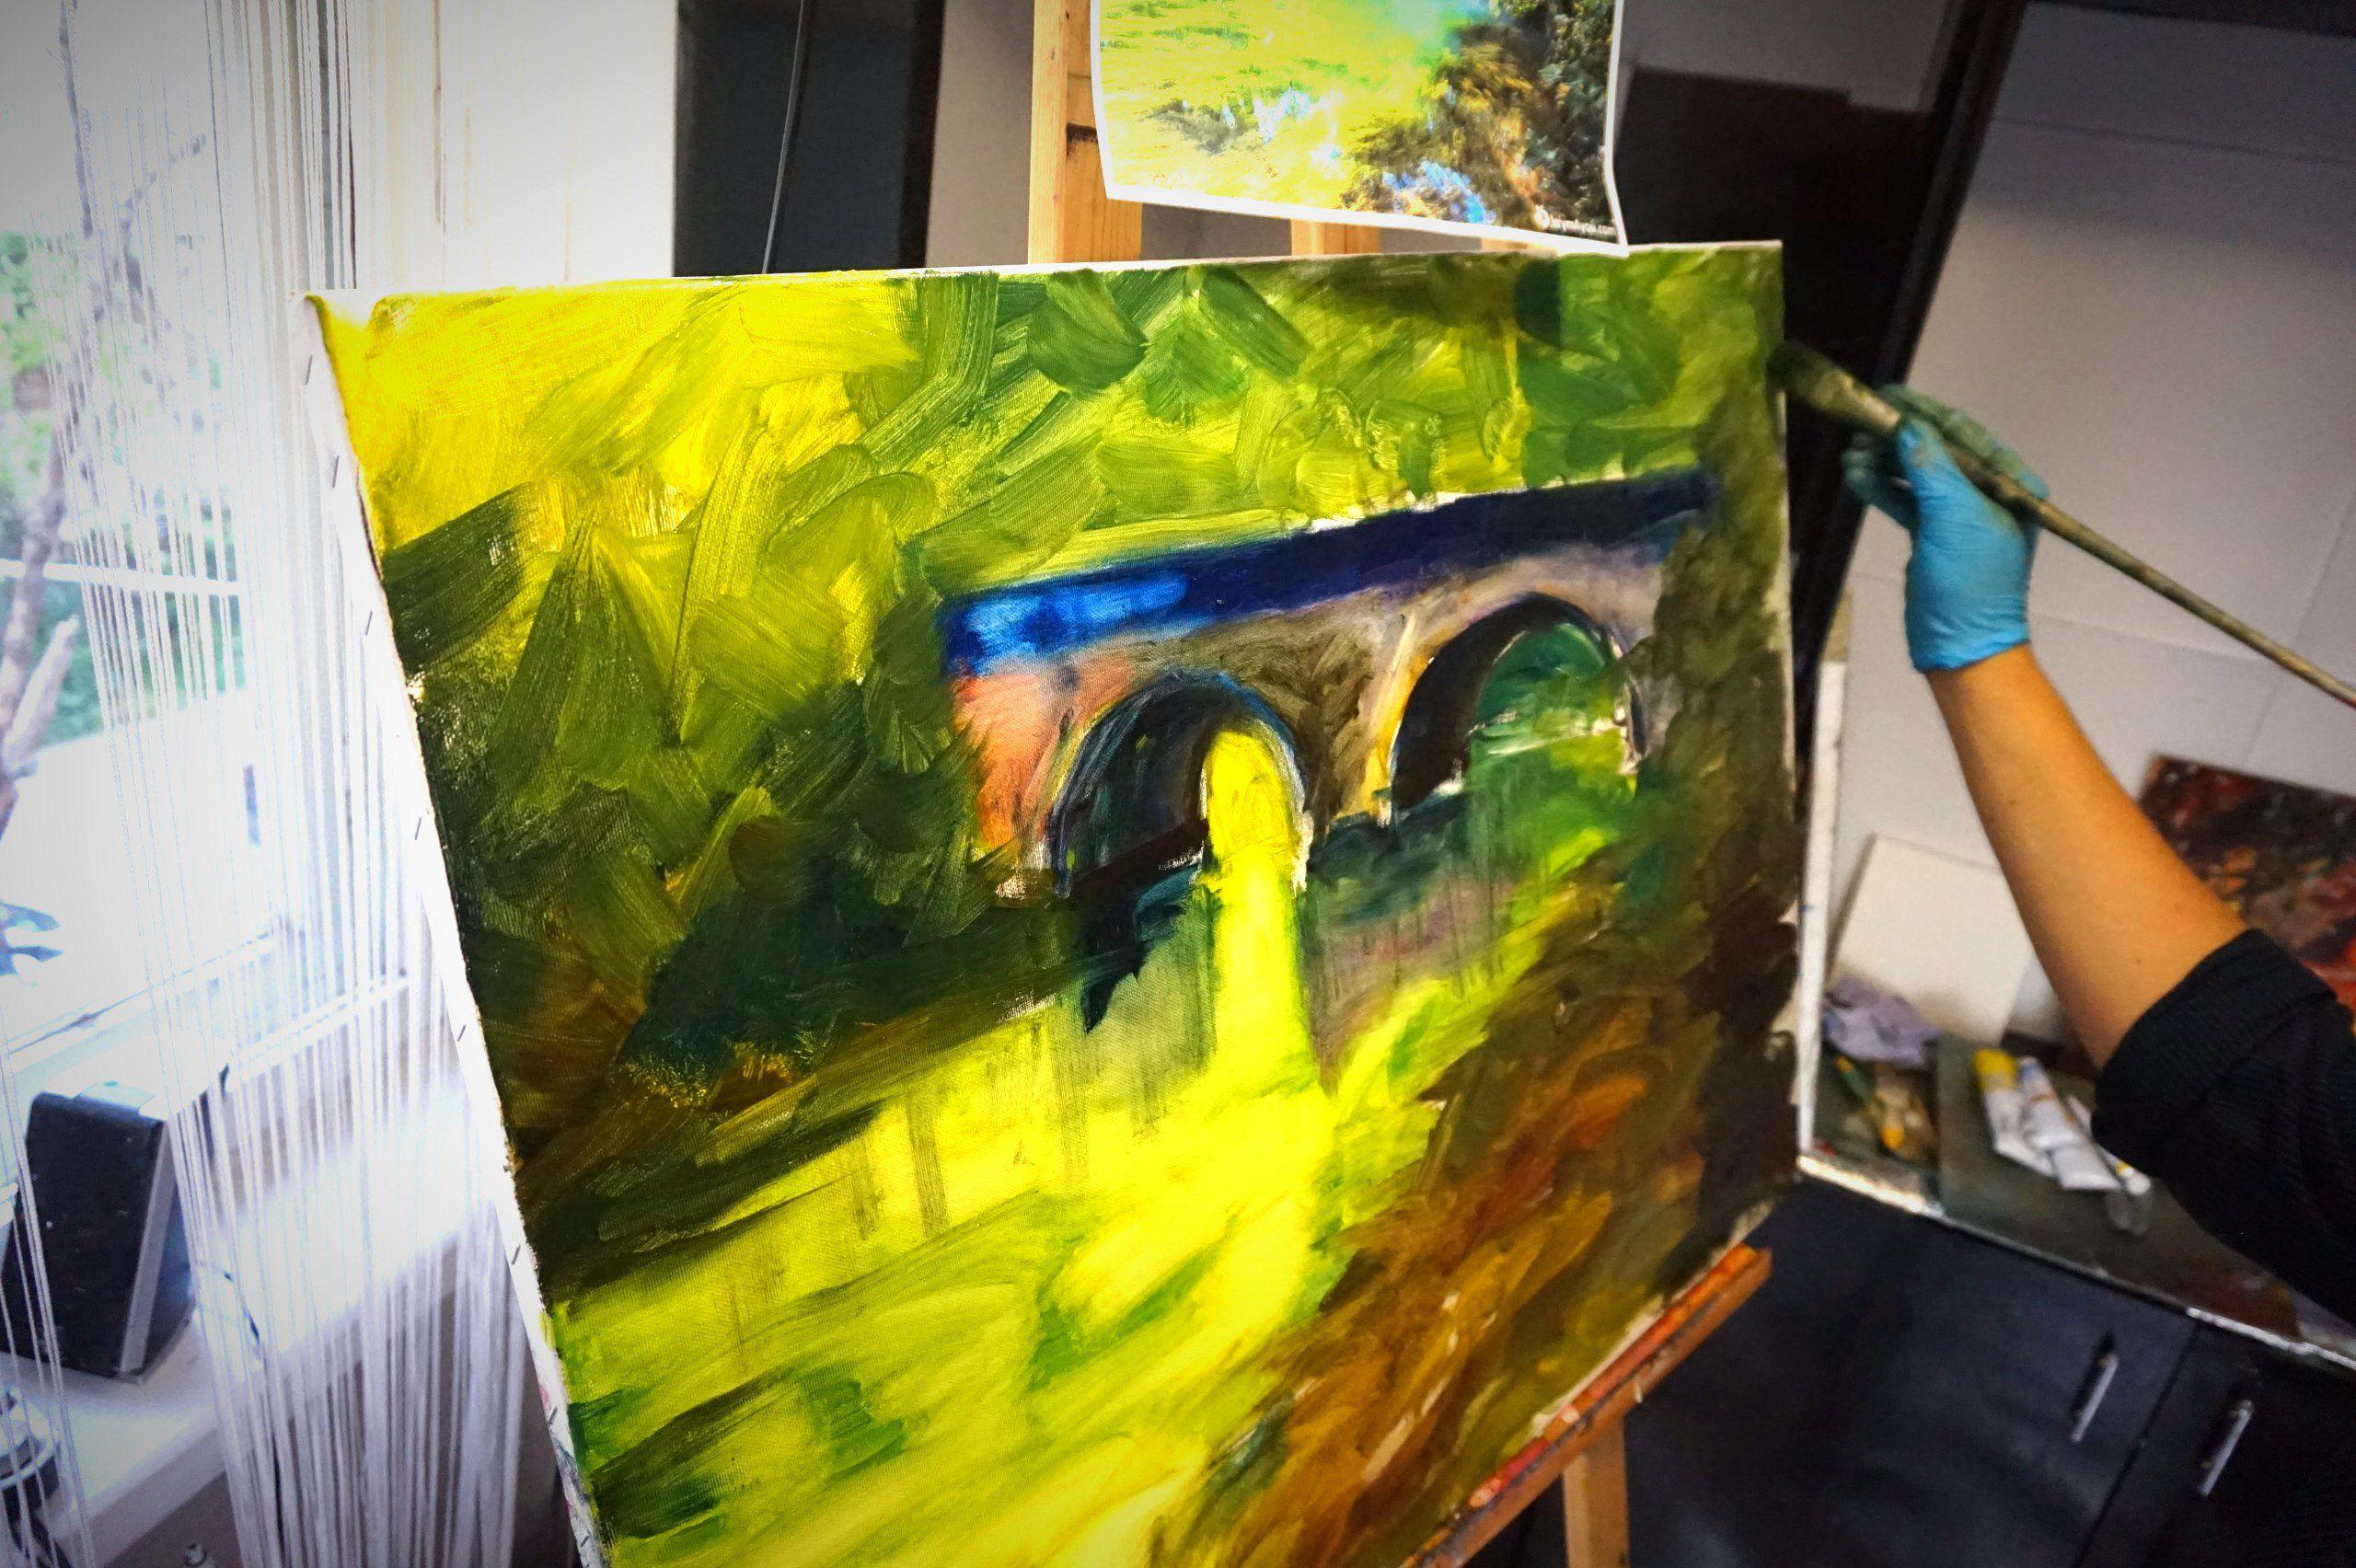 артстудия фаza двигает вмассы живопись искусство севастополь импрессионизм